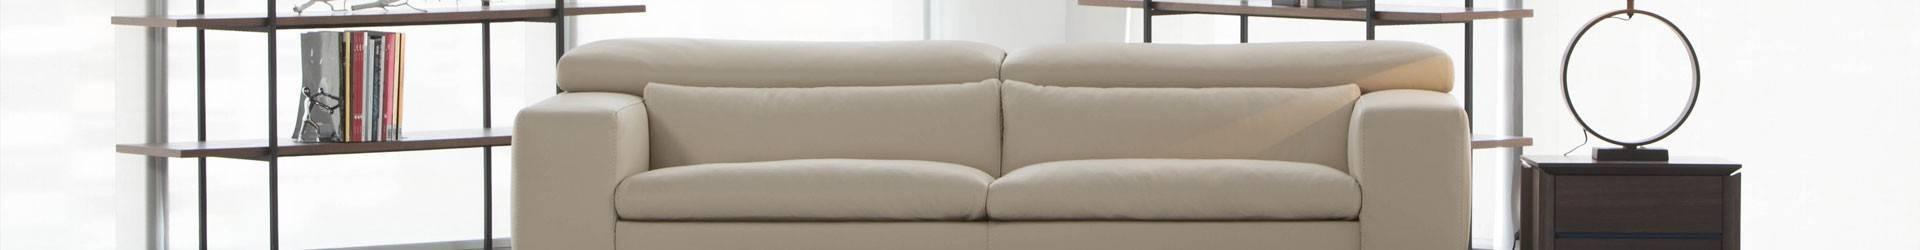 Sofa Promos